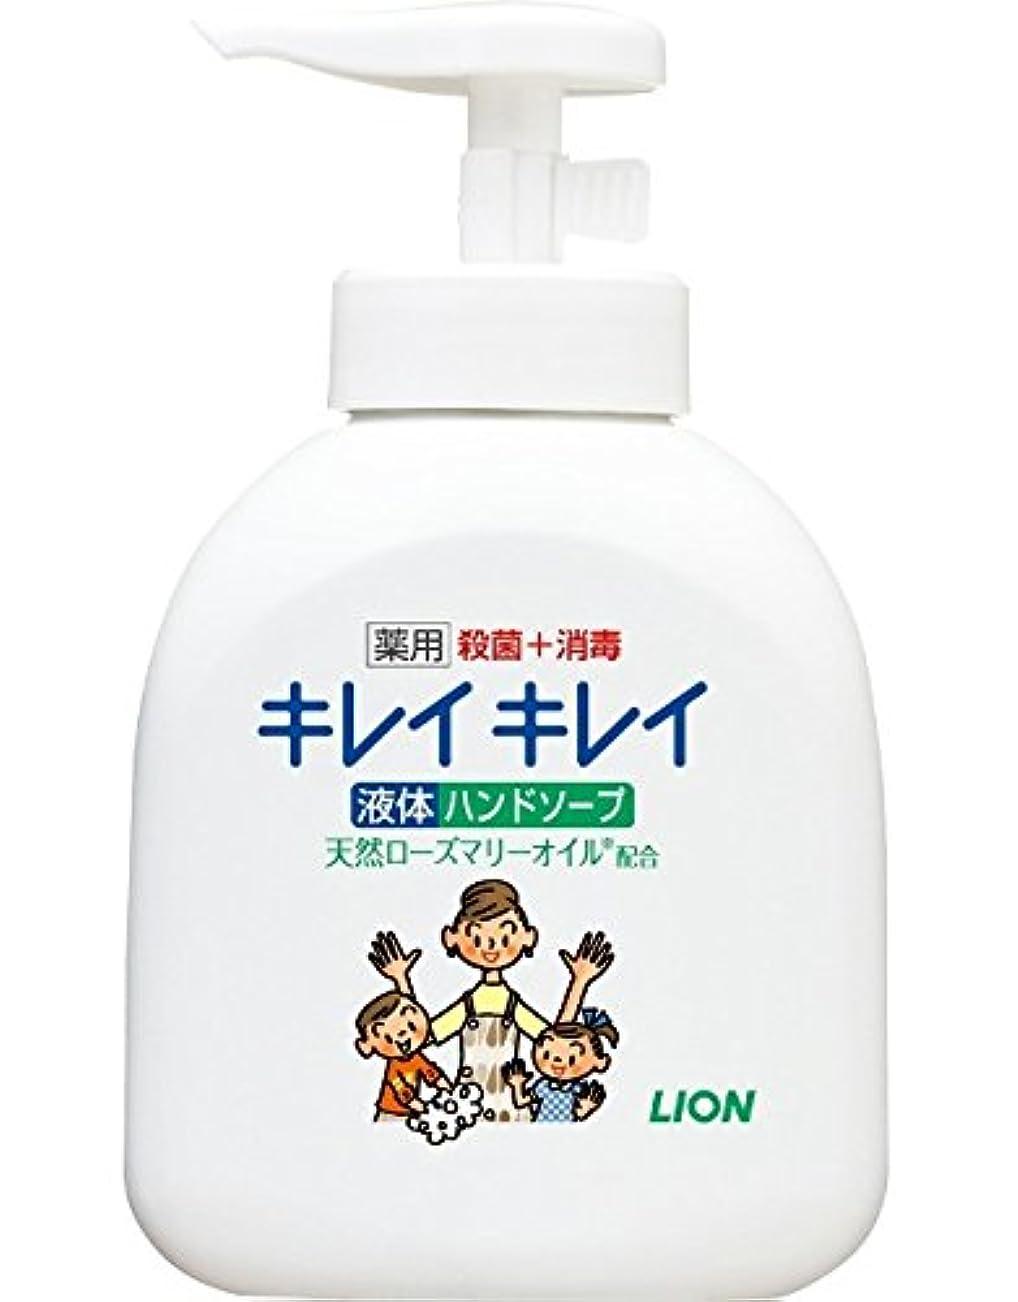 離れた検査さておきキレイキレイ 薬用 液体ハンドソープ 本体ポンプ 250ml(医薬部外品)